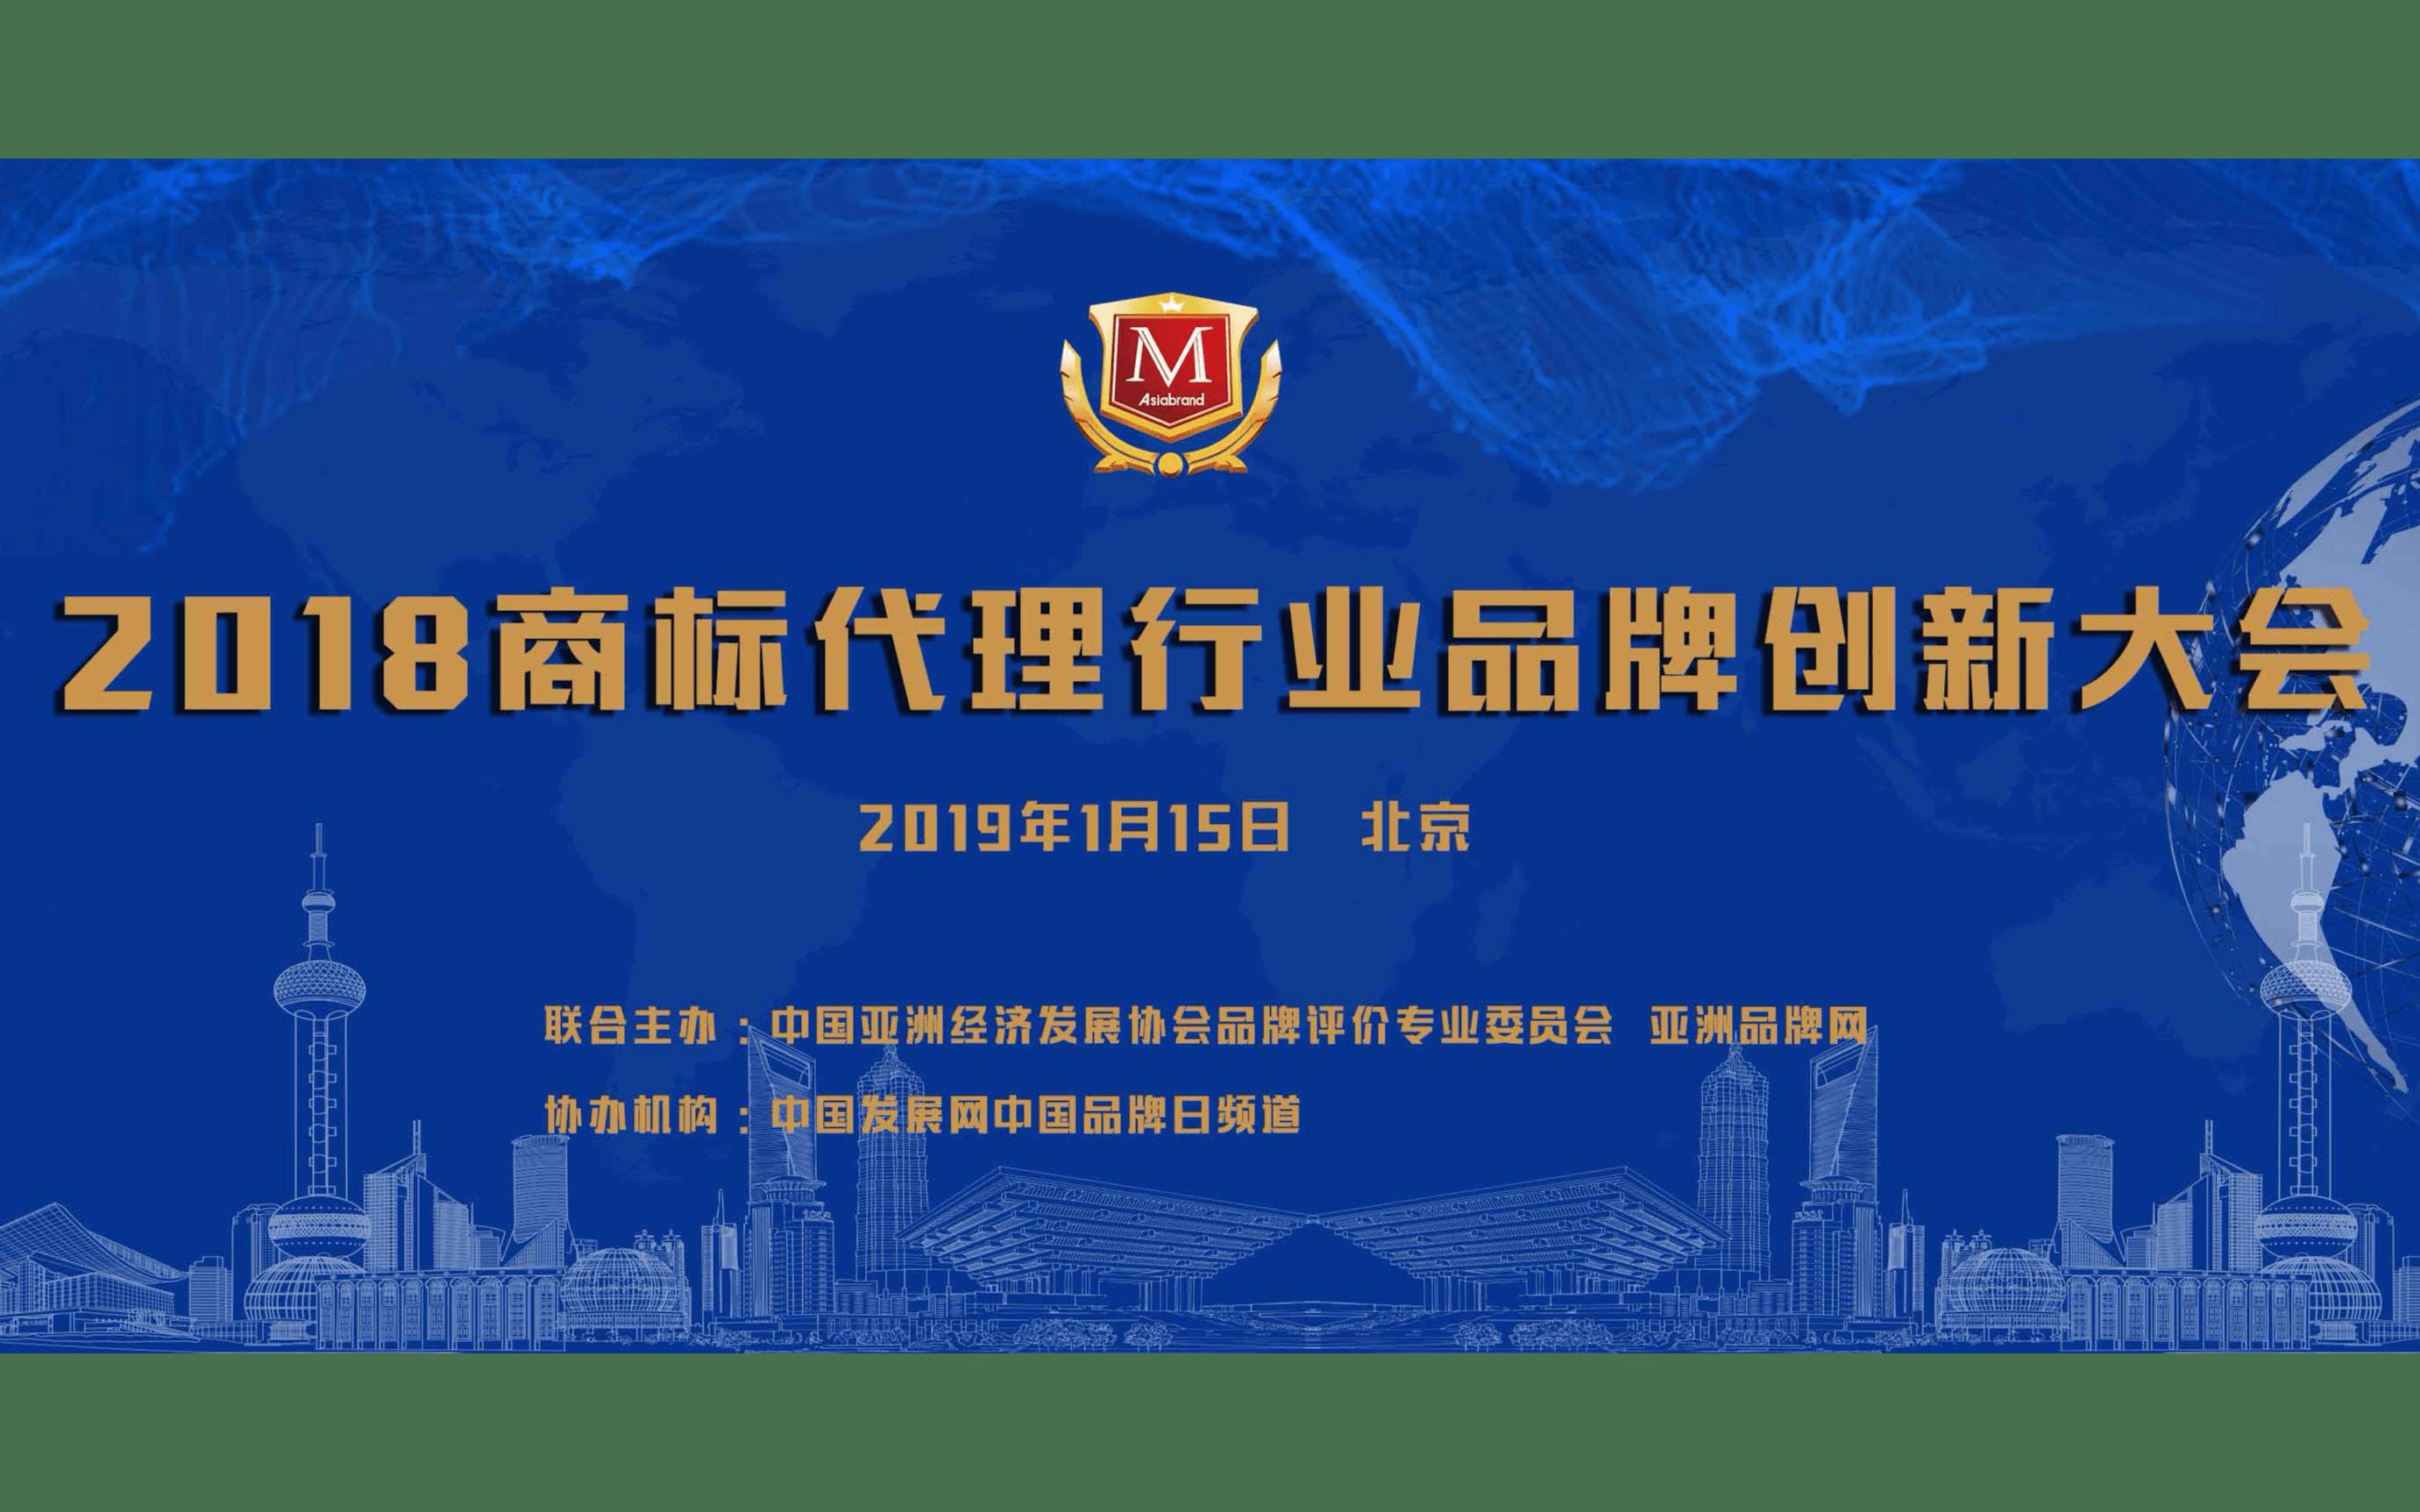 2018商標代理行業品牌創新大會(北京 2019.01.15)